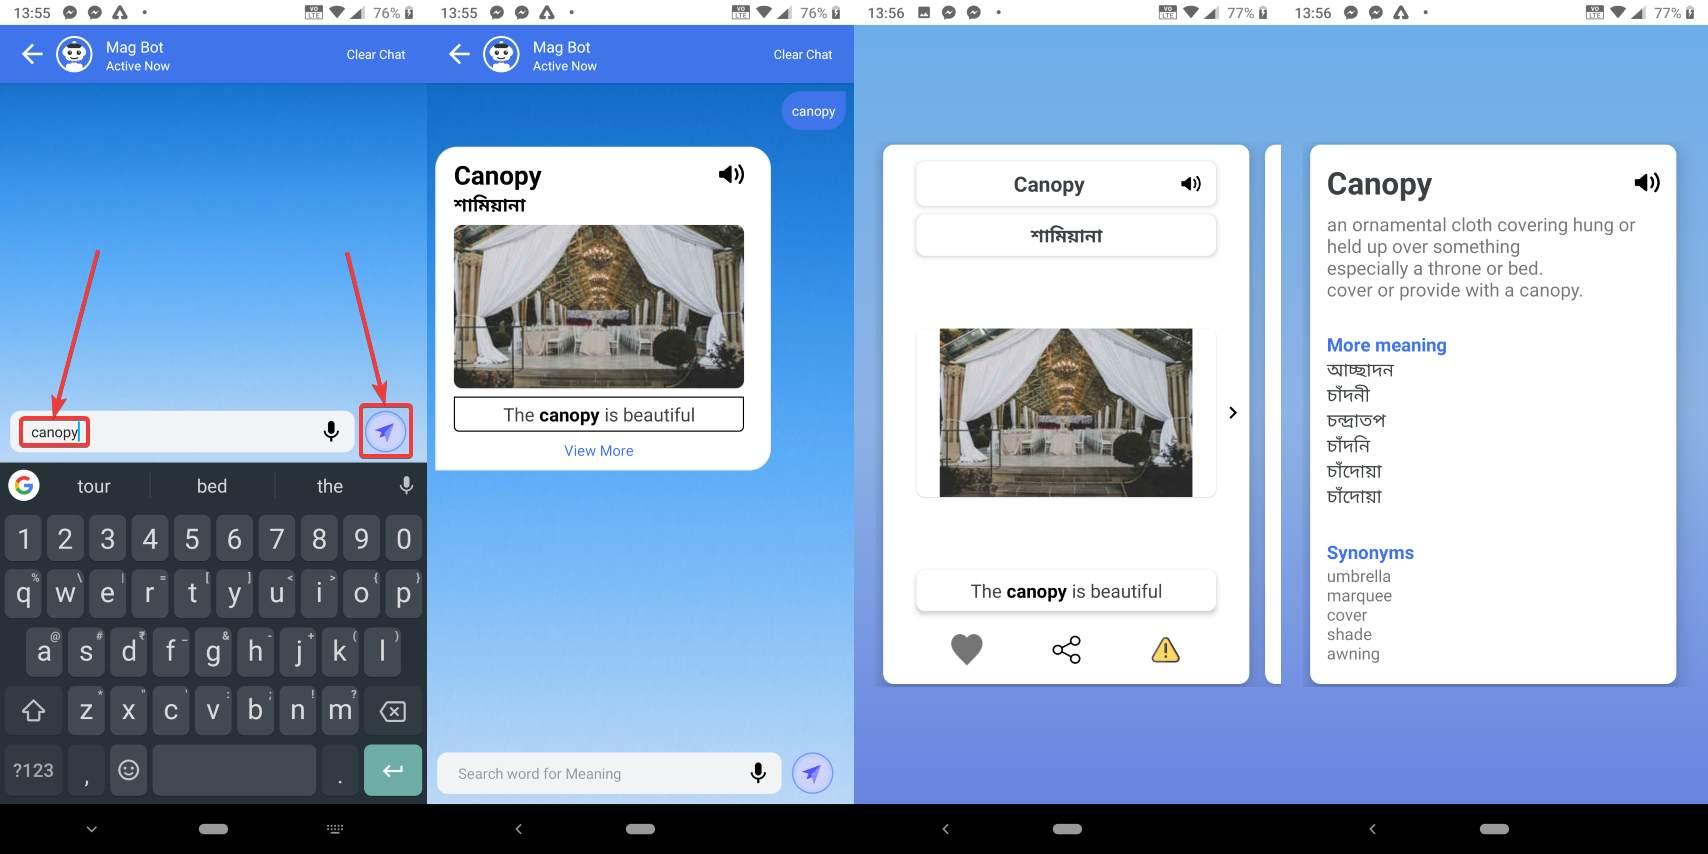 Aplikasi MagTapp – Tingkatkan perbendaharaan kata anda di Android semasa melayari laman web